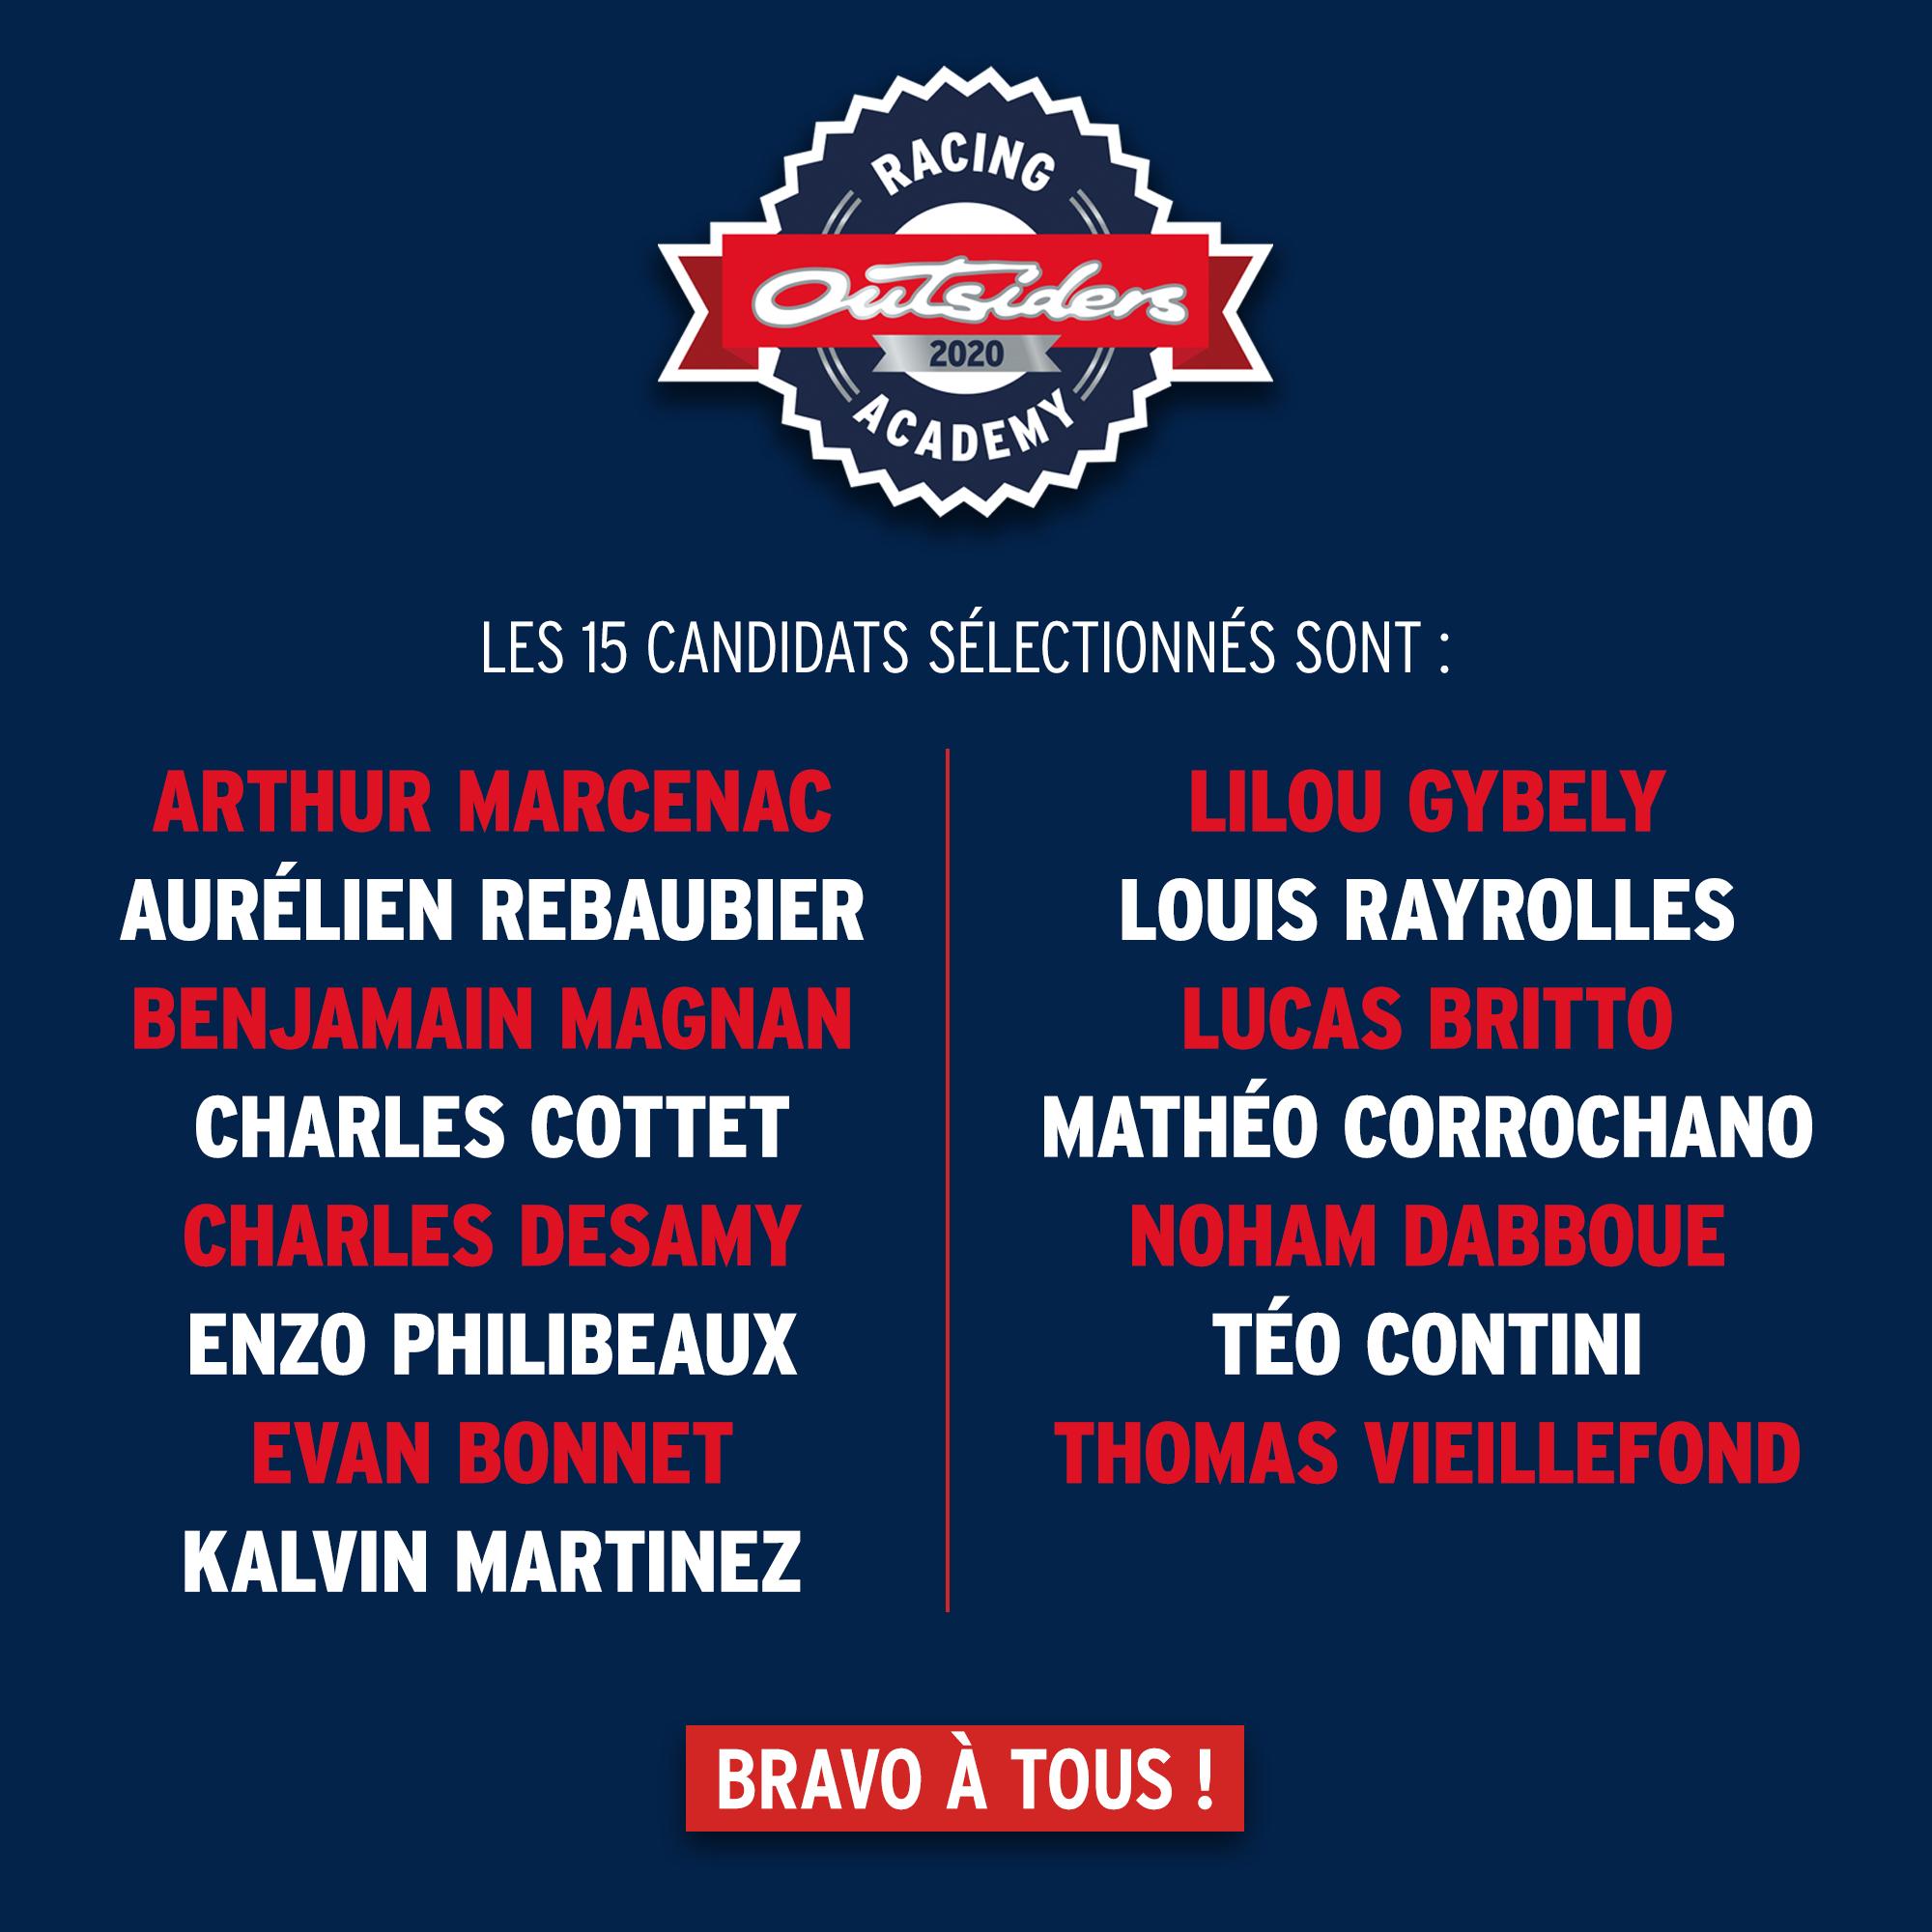 OA-20-candidatselectionnes-insta